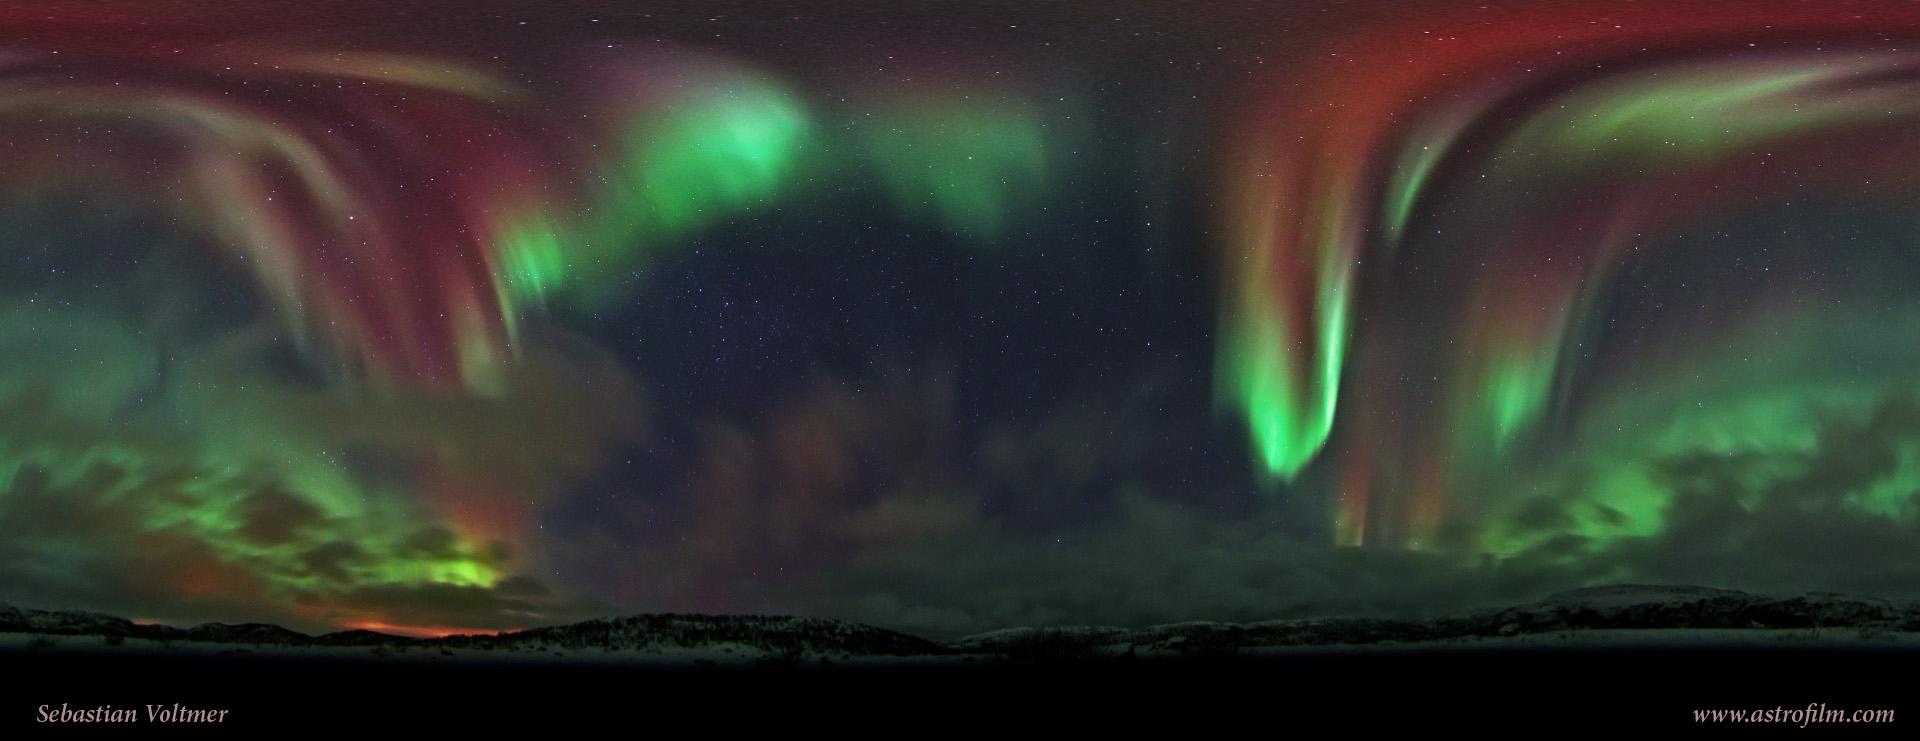 http://apod.nasa.gov/apod/image/1201/aurora_voltmer_1920.jpg